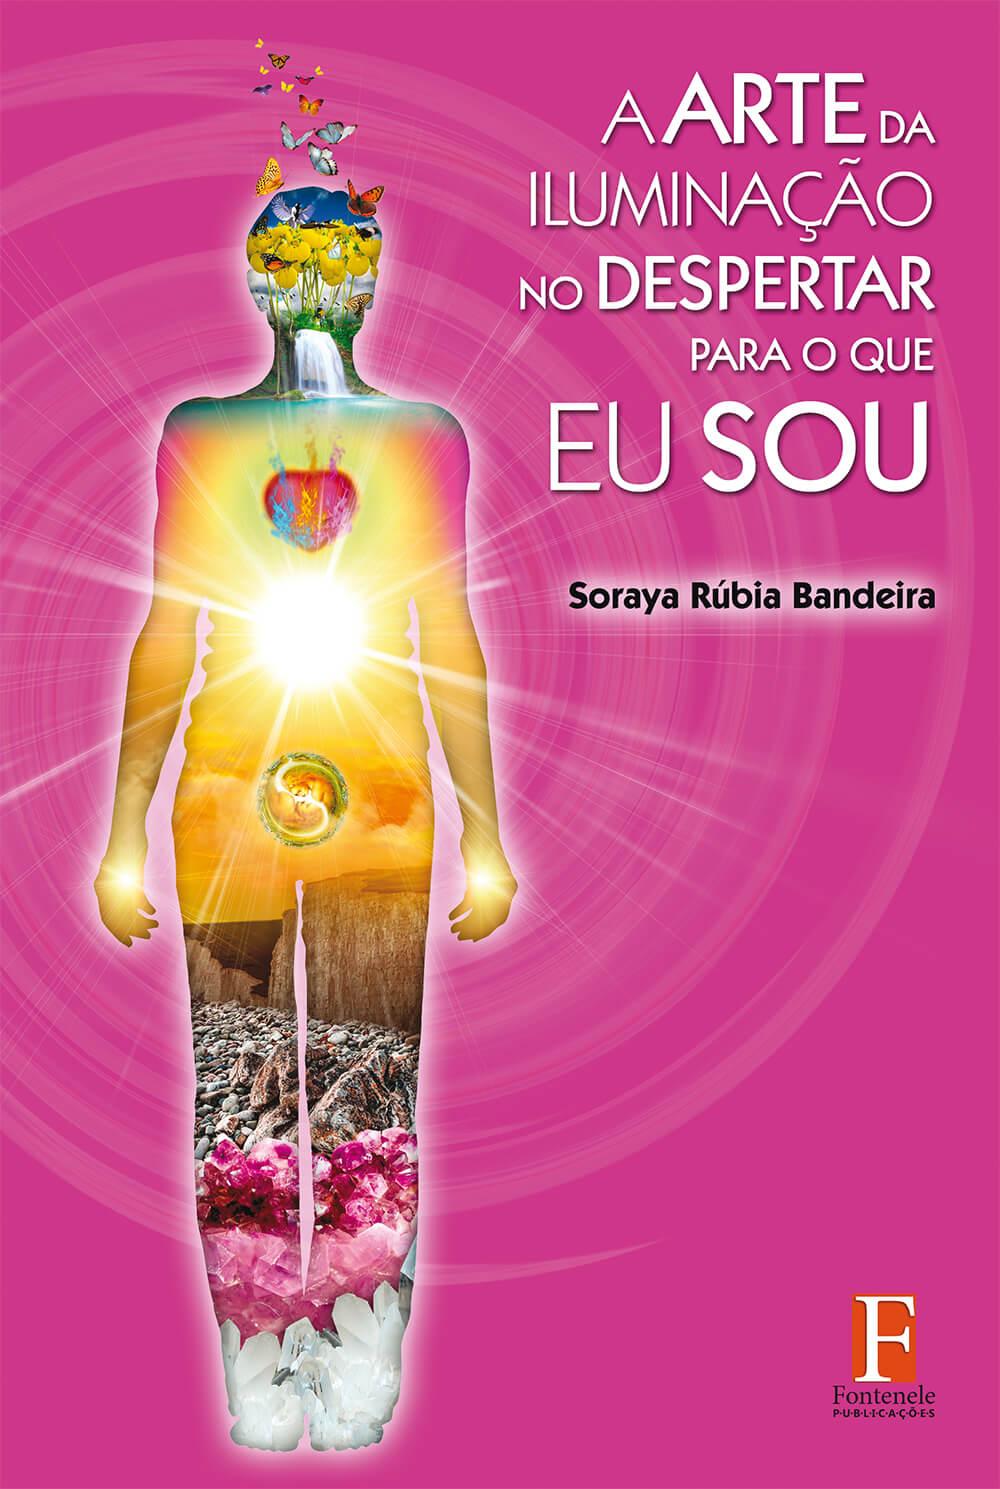 Fontenele Publicações / 11 95150-3481 / 11  95150-4383 Filosofia de vida - A arte da iluminação do despertar para o que Eu Sou